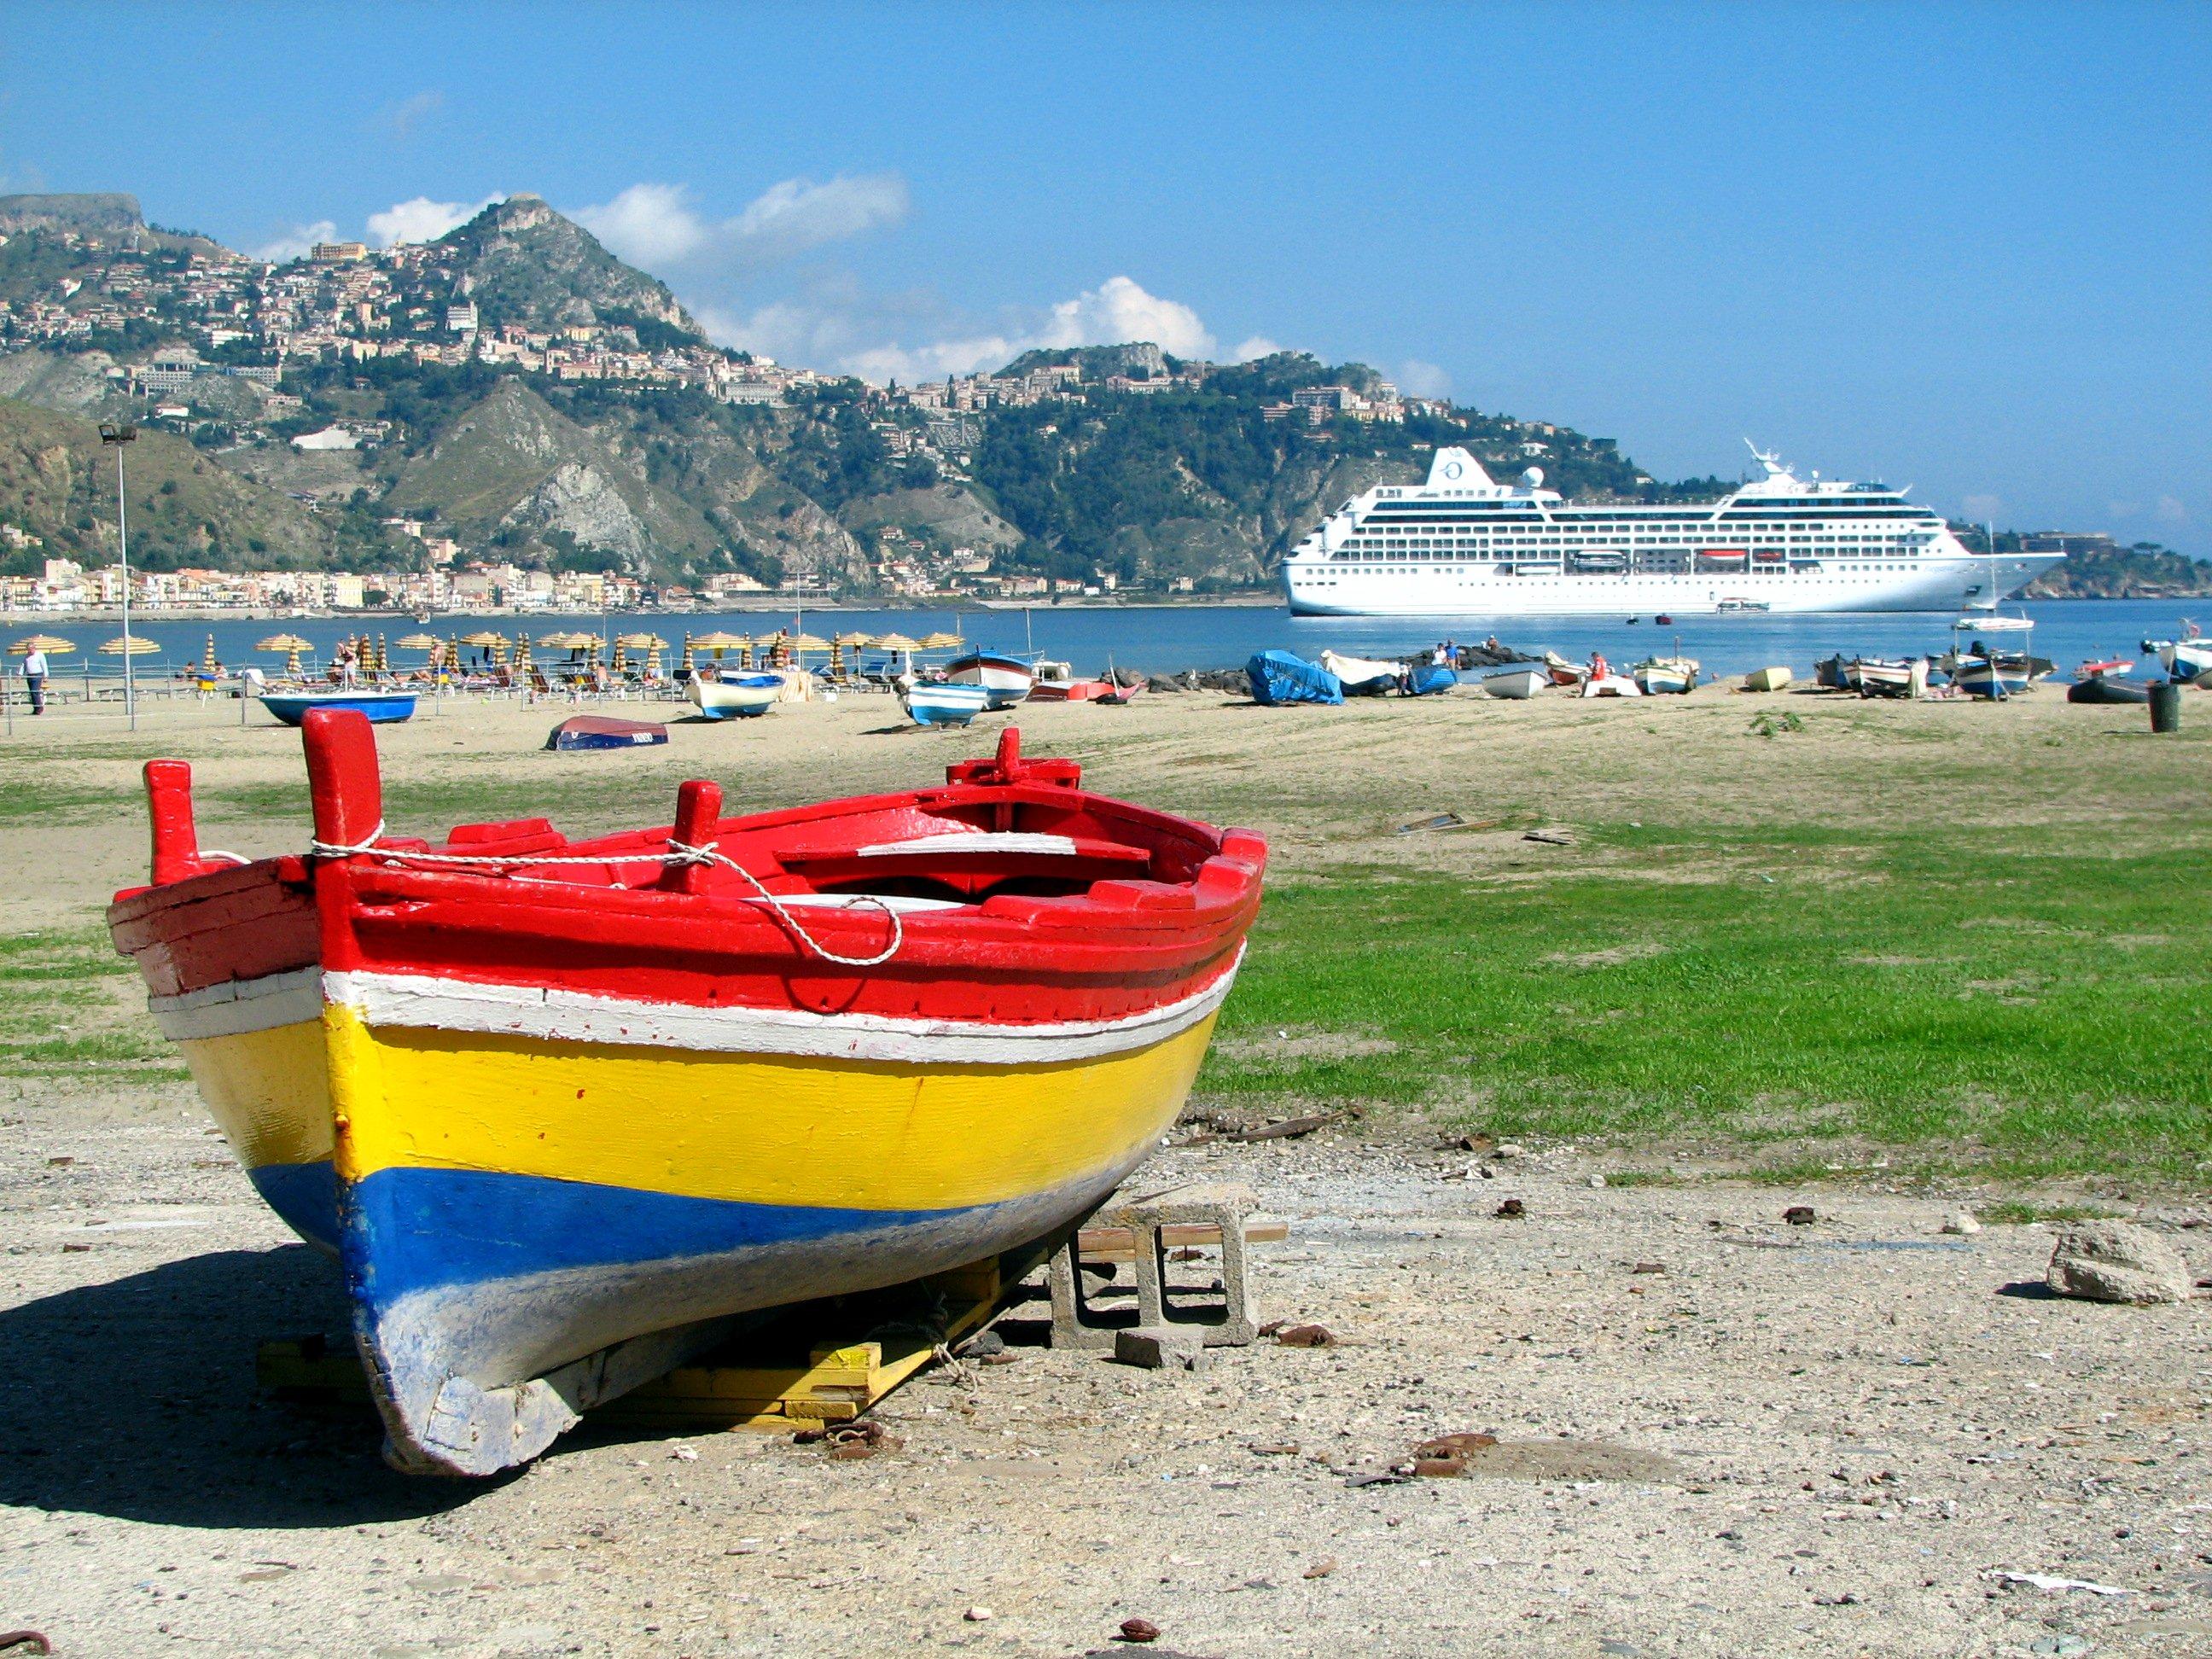 Hintergrundbilder : Meer, Italien, Strand, Wasser, Farben, Boote ...